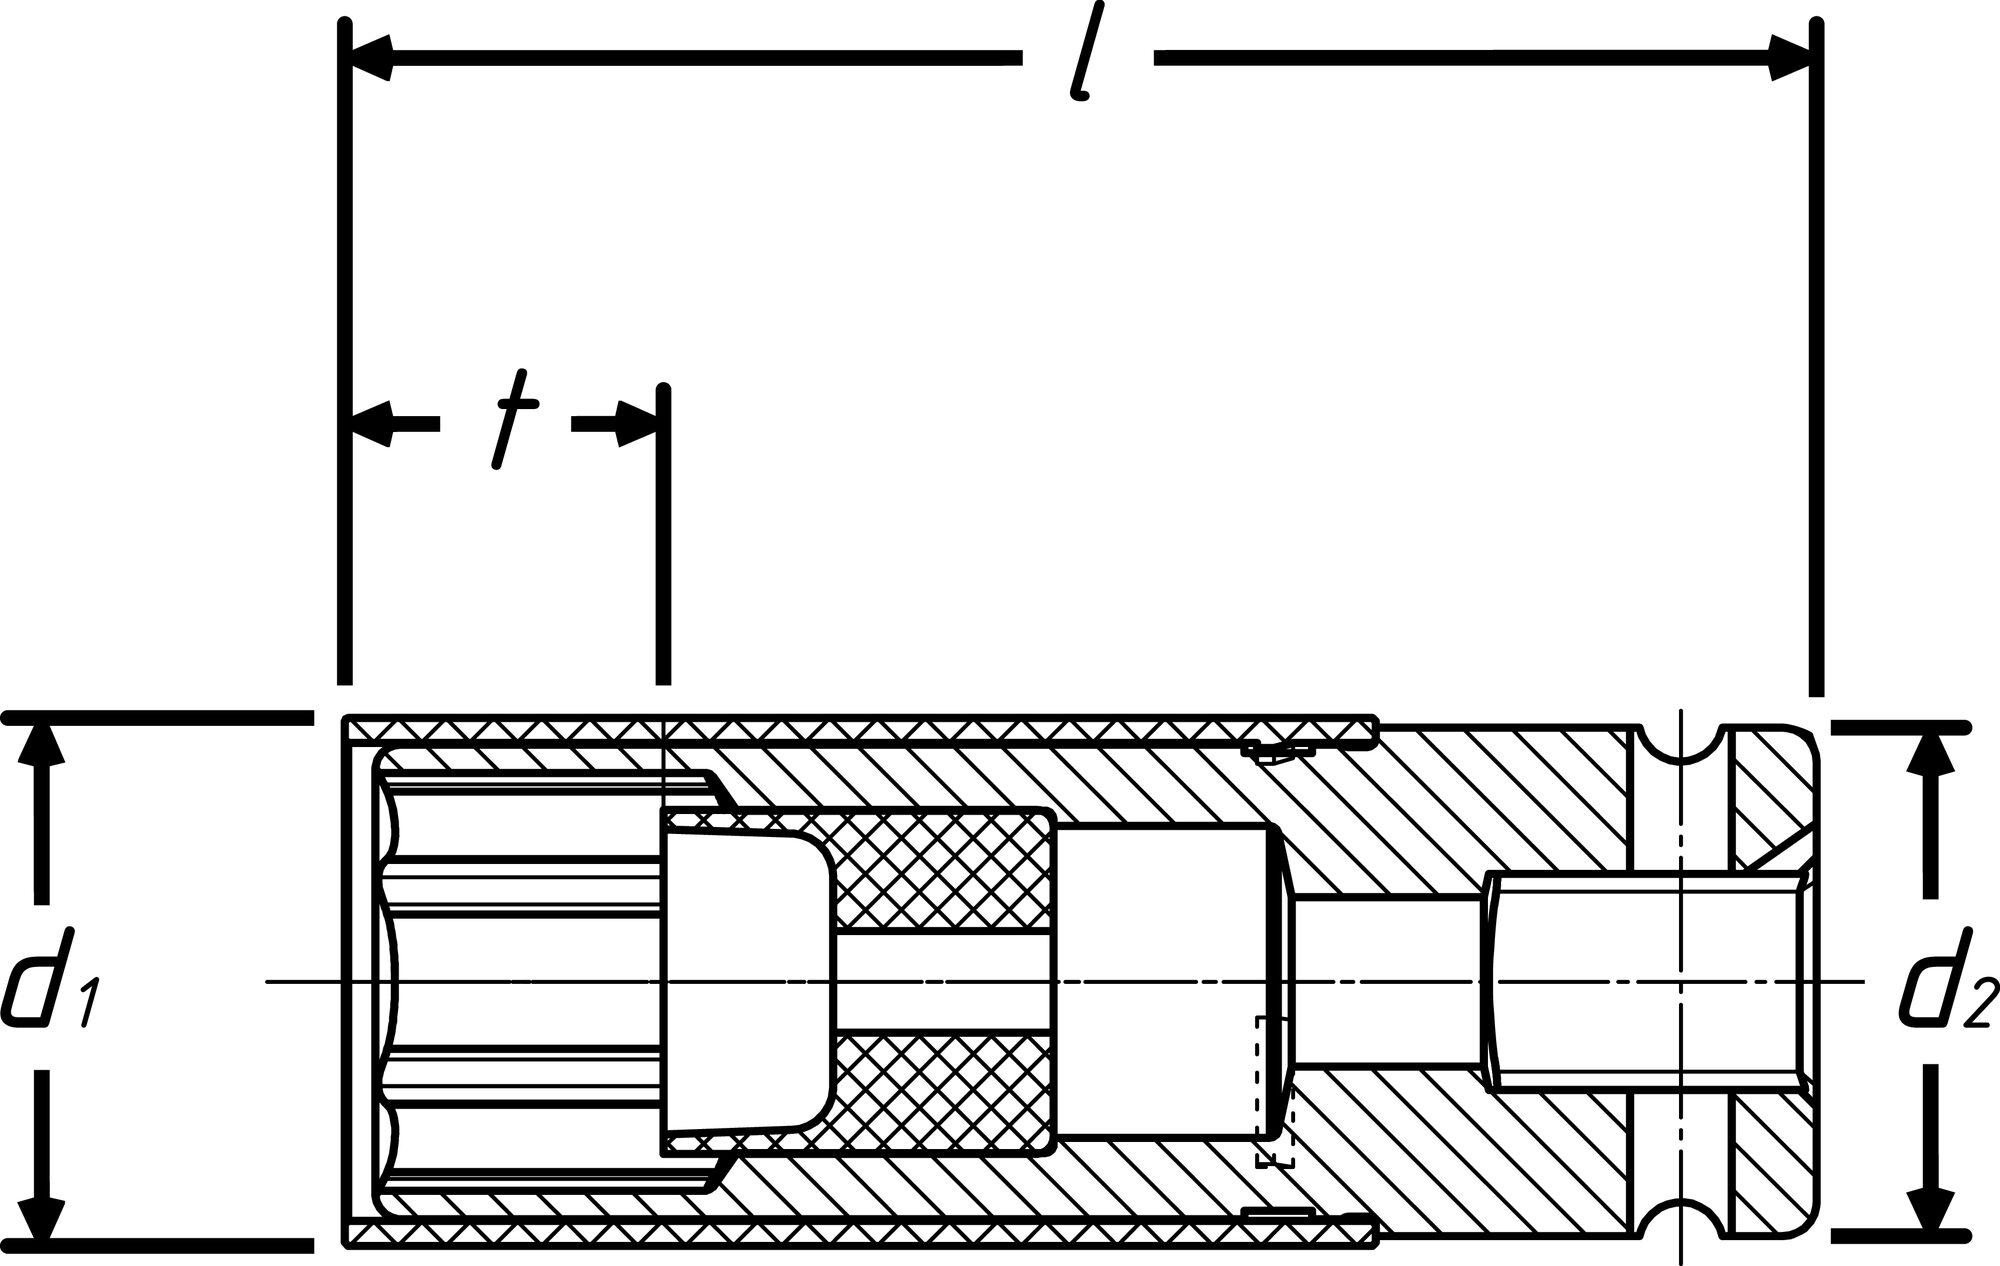 HAZET Schlag- ∙ Maschinenschrauber Steckschlüsseleinsatz ∙ Sechskant 903SLG-15 ∙ Vierkant hohl 12,5 mm (1/2 Zoll)